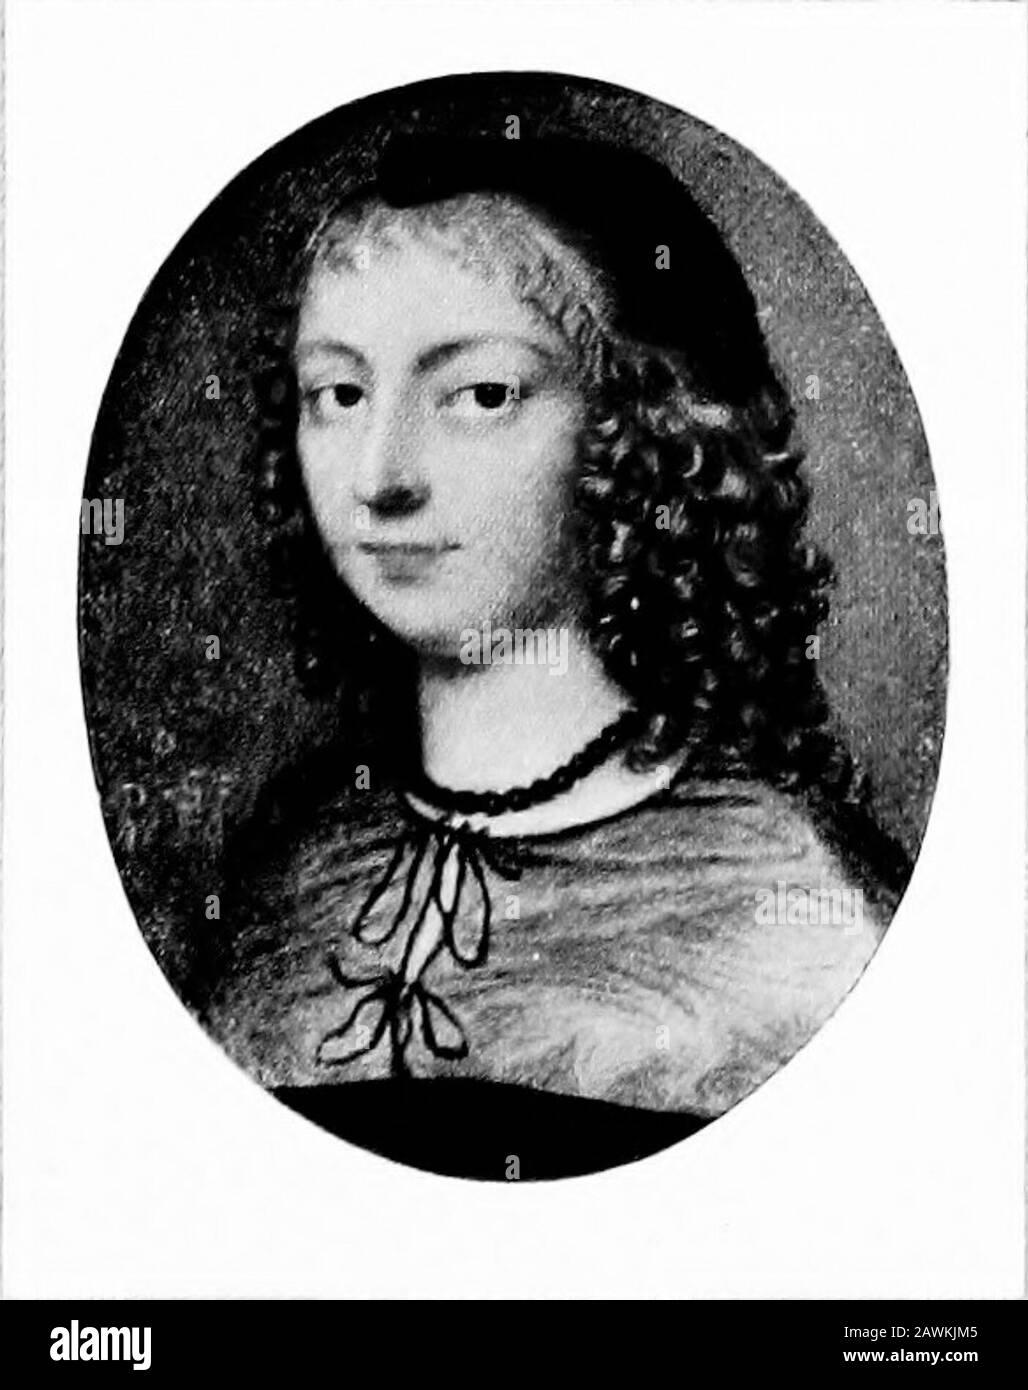 Miniaturen im Hochformat; . MISS CHRISTIAN TEMPLEBY ODER NACH SAMUEL COOPER AUS DER SAMMLUNG DER RT. HON. SIR CHARLES DILKE, BART., M.P. RACHEL FANE, COUNTESS OF BATH UND SPÄTER VON MIDDLESEX (161 2-1680) VON DAVID DES GRANGES AUS DER SAMMLUNG VON HERRN E. M. HODGKIN3 Stockfoto